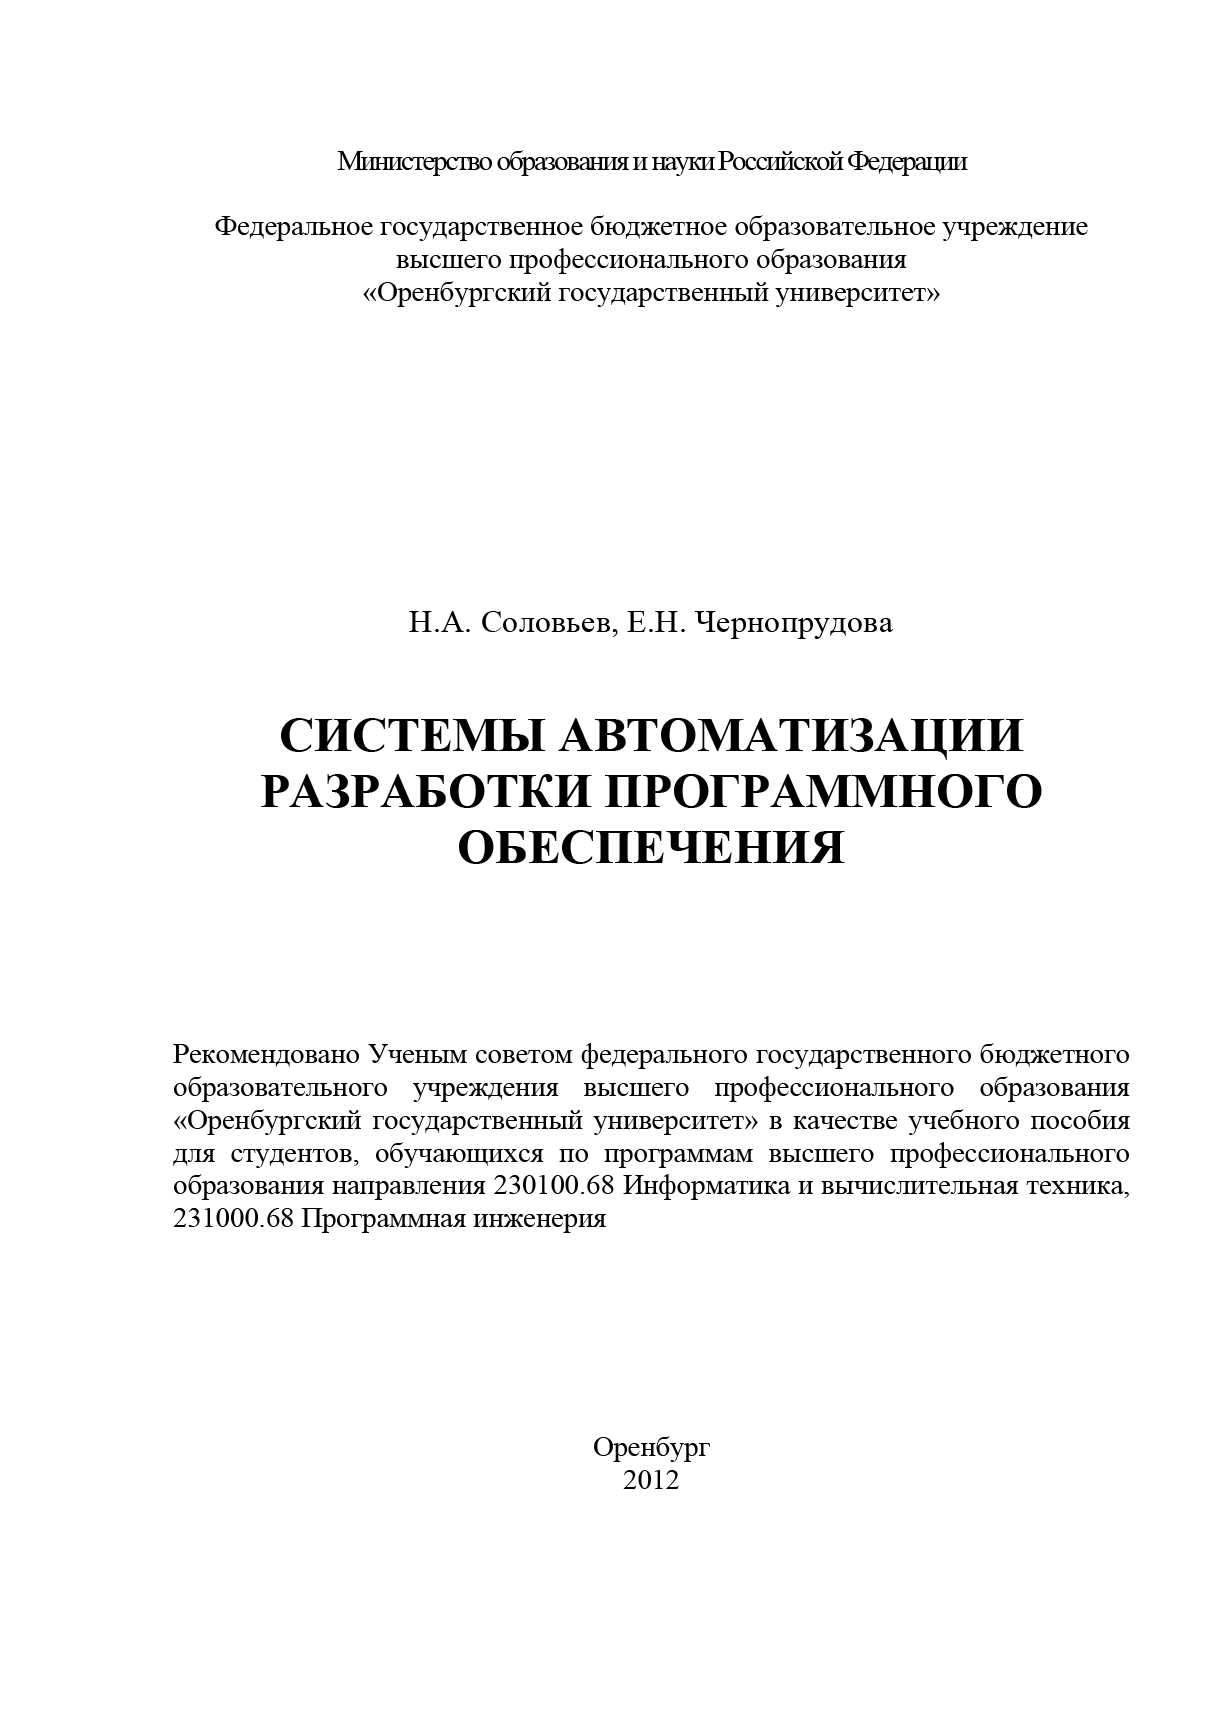 Н. А. Соловьев Системы автоматизации разработки программного обеспечения